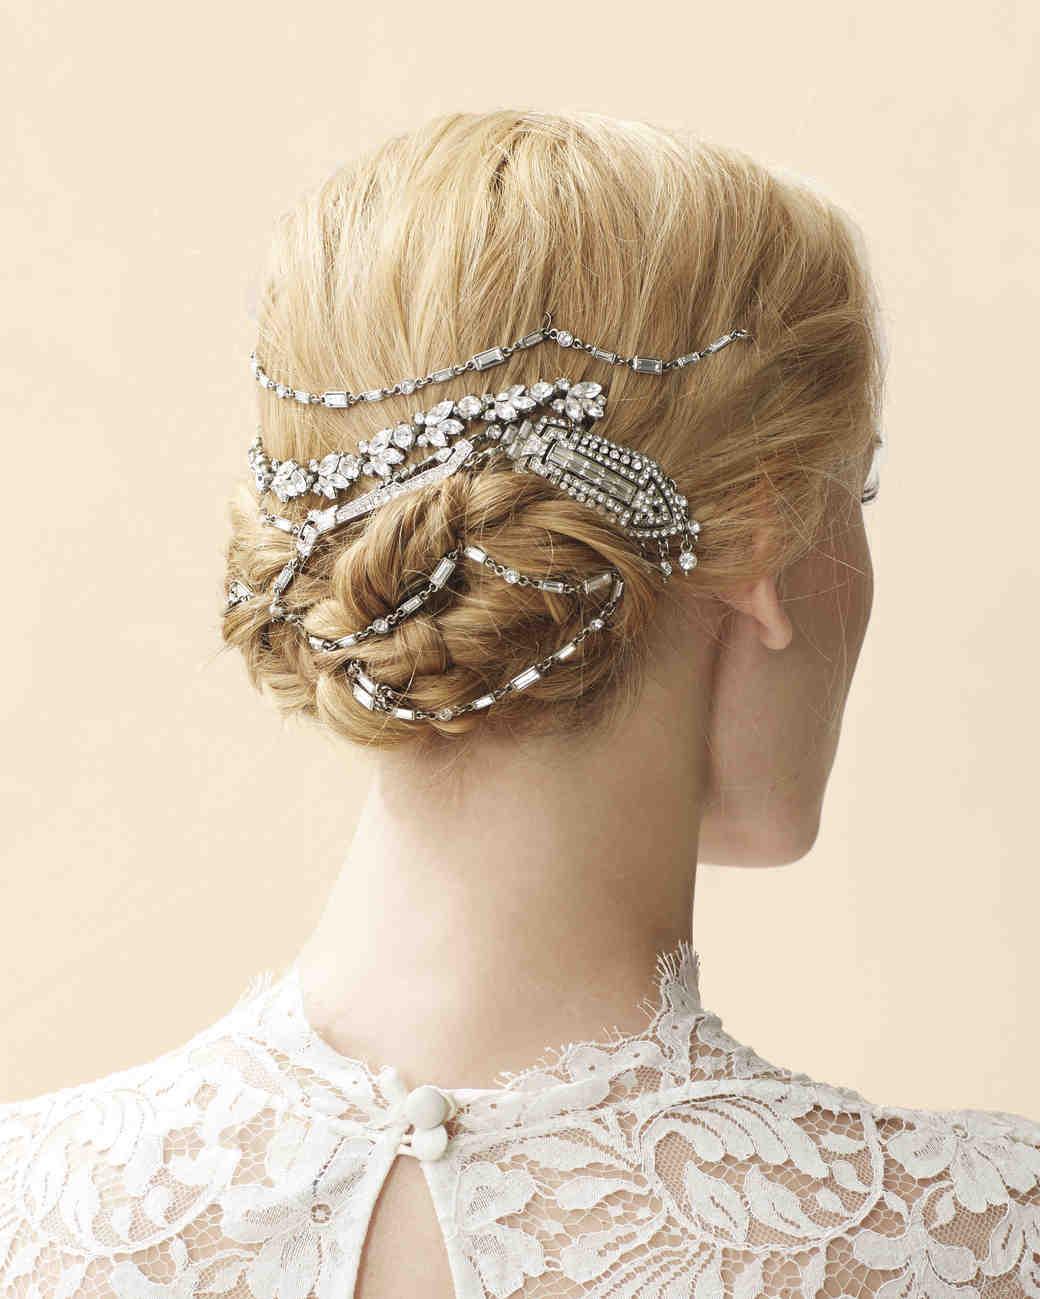 4 Stylish Ways to Wear Vintage Jewelry on Your Wedding Day